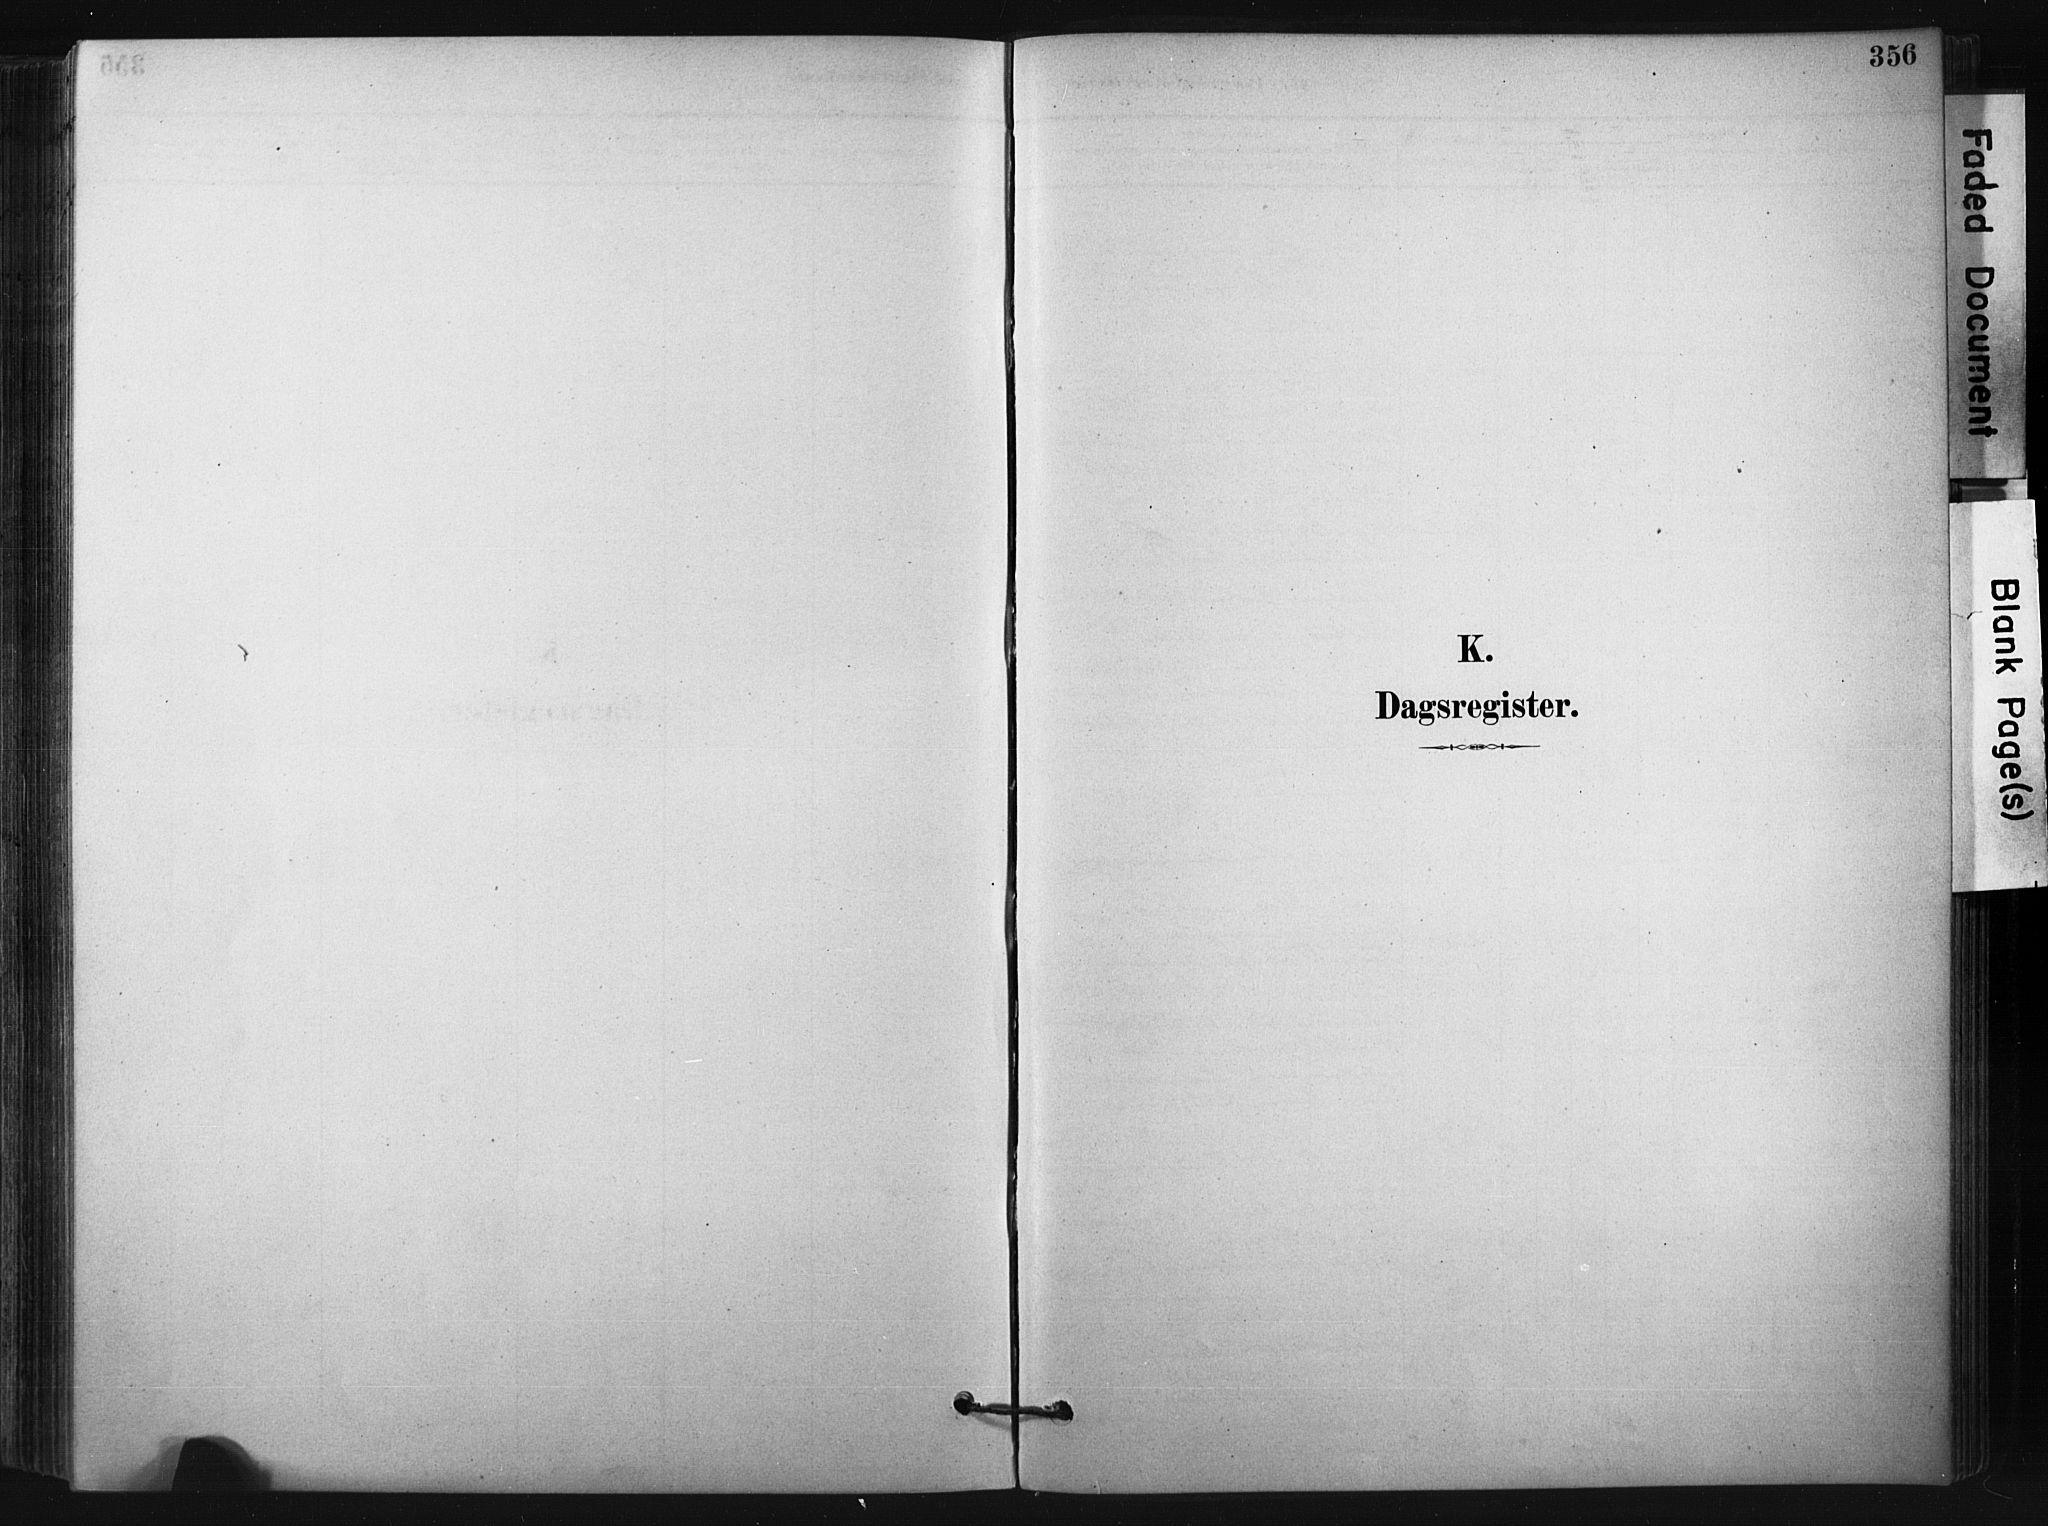 SAKO, Bø kirkebøker, F/Fa/L0010: Ministerialbok nr. 10, 1880-1892, s. 356